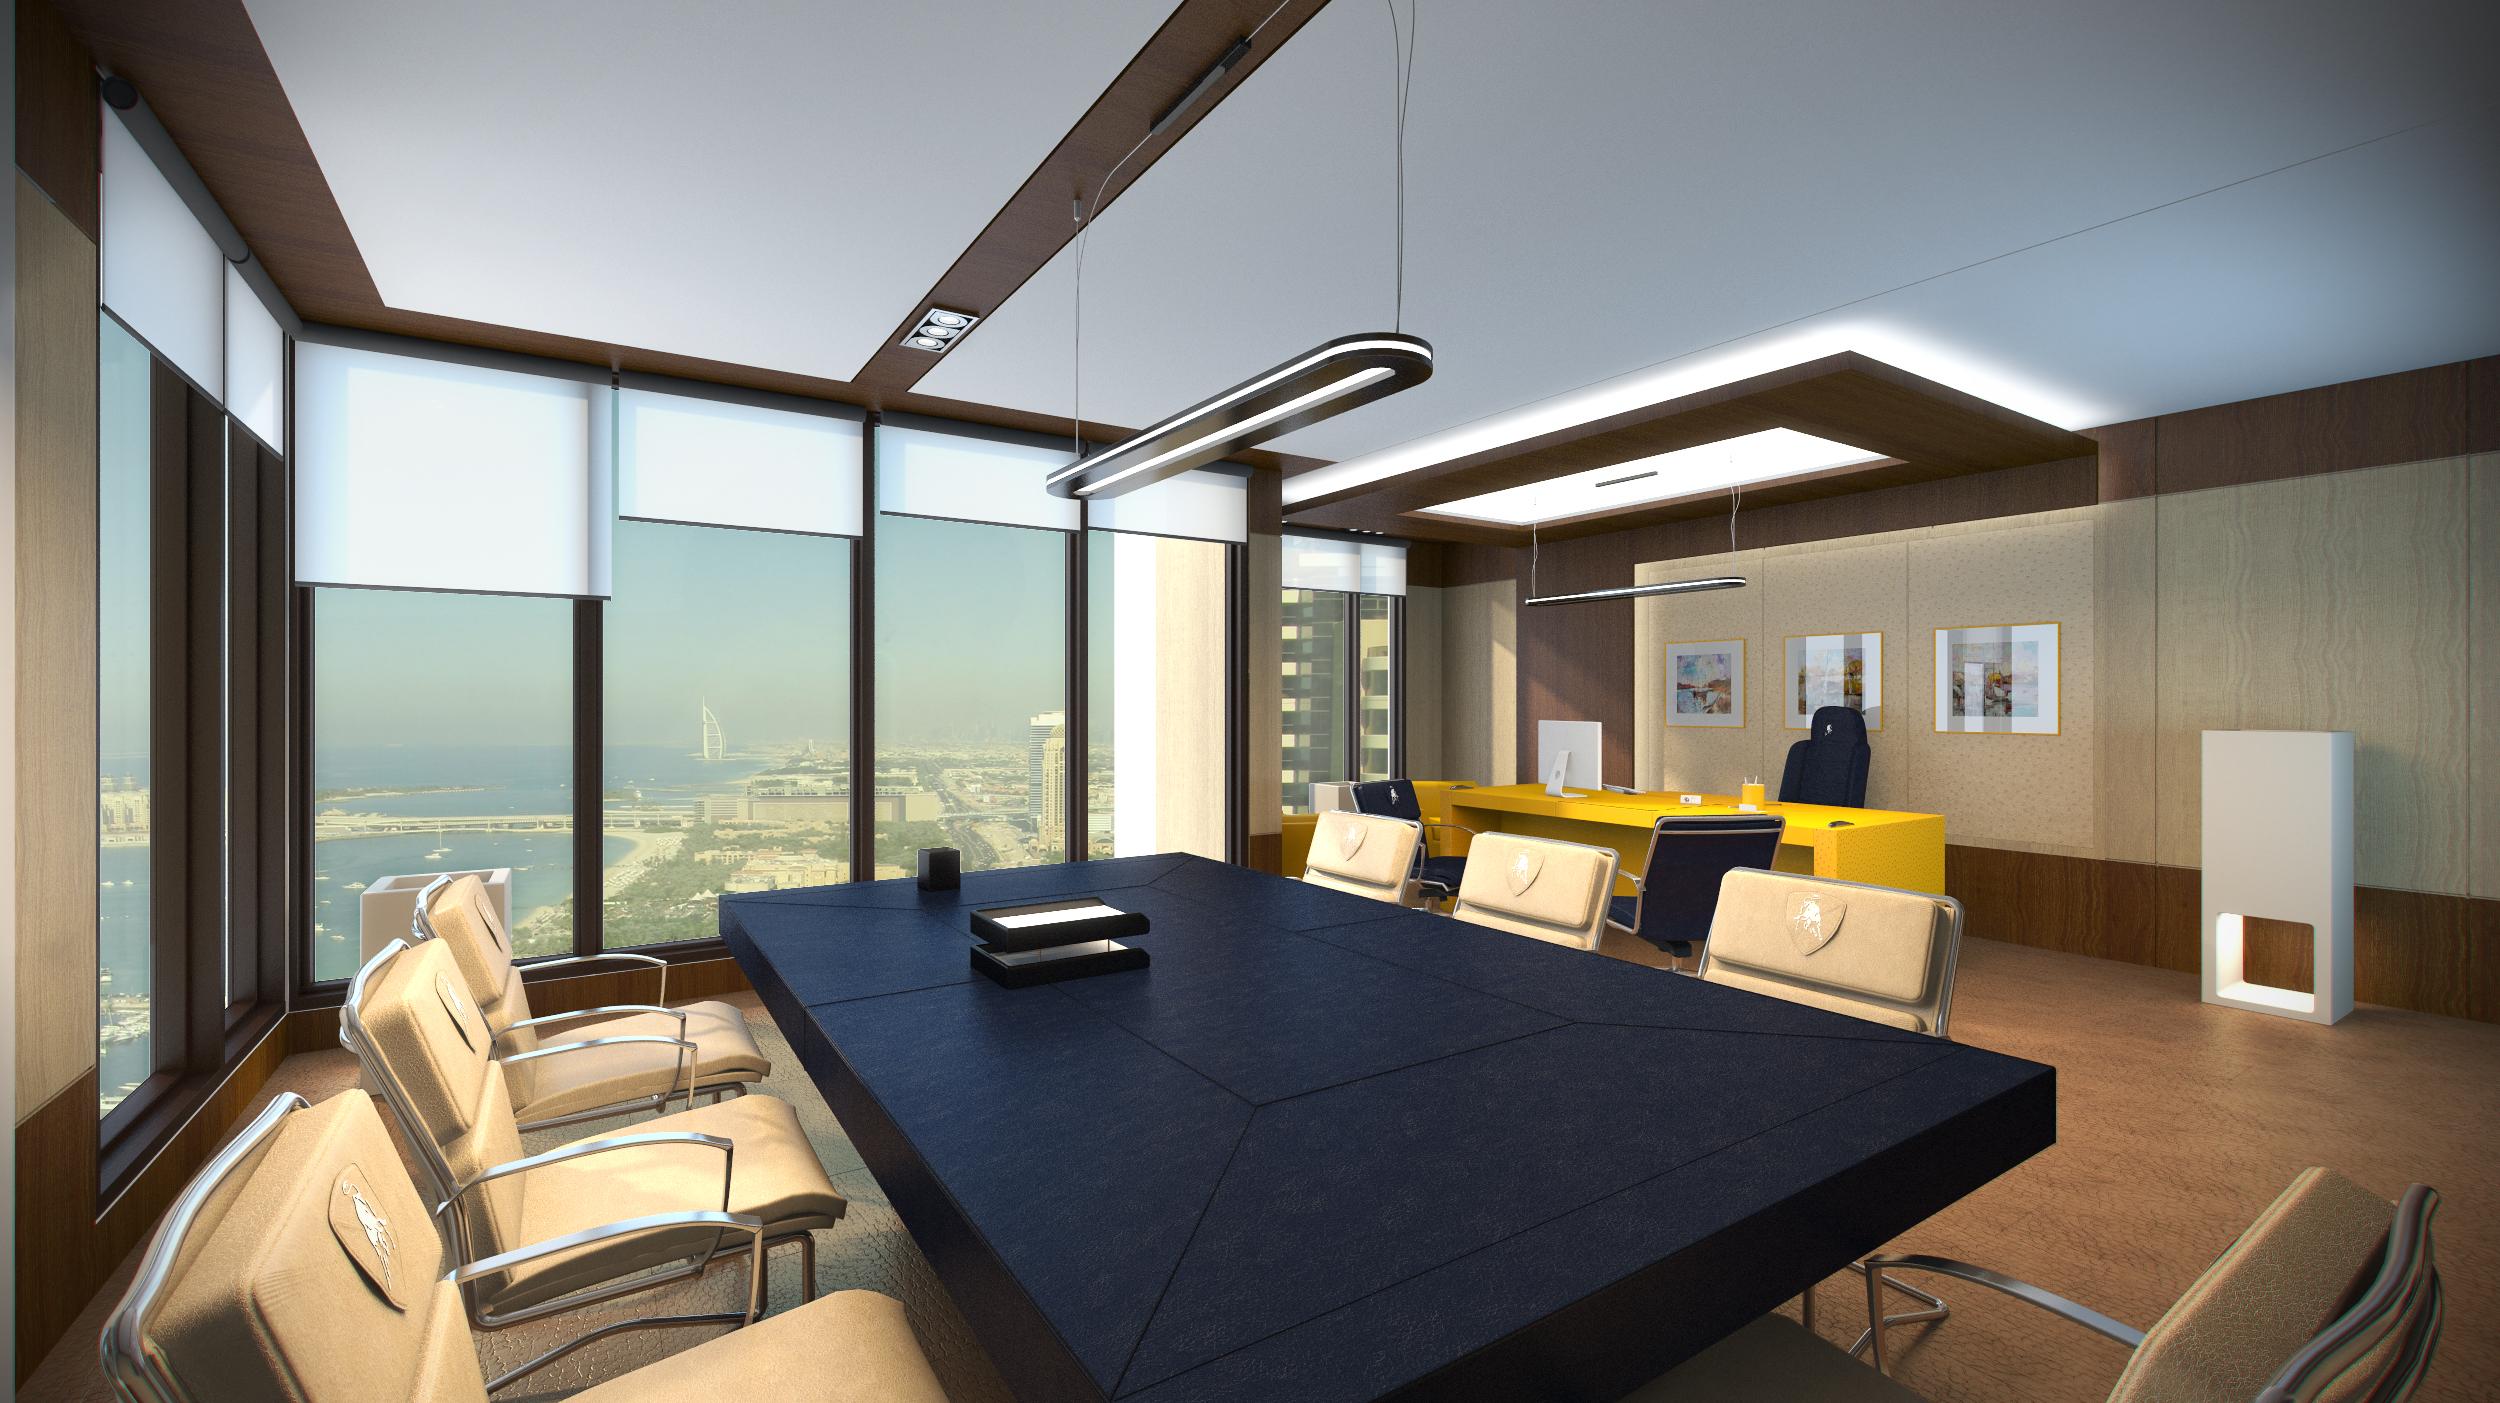 Italian Office Furniture Dubai Images